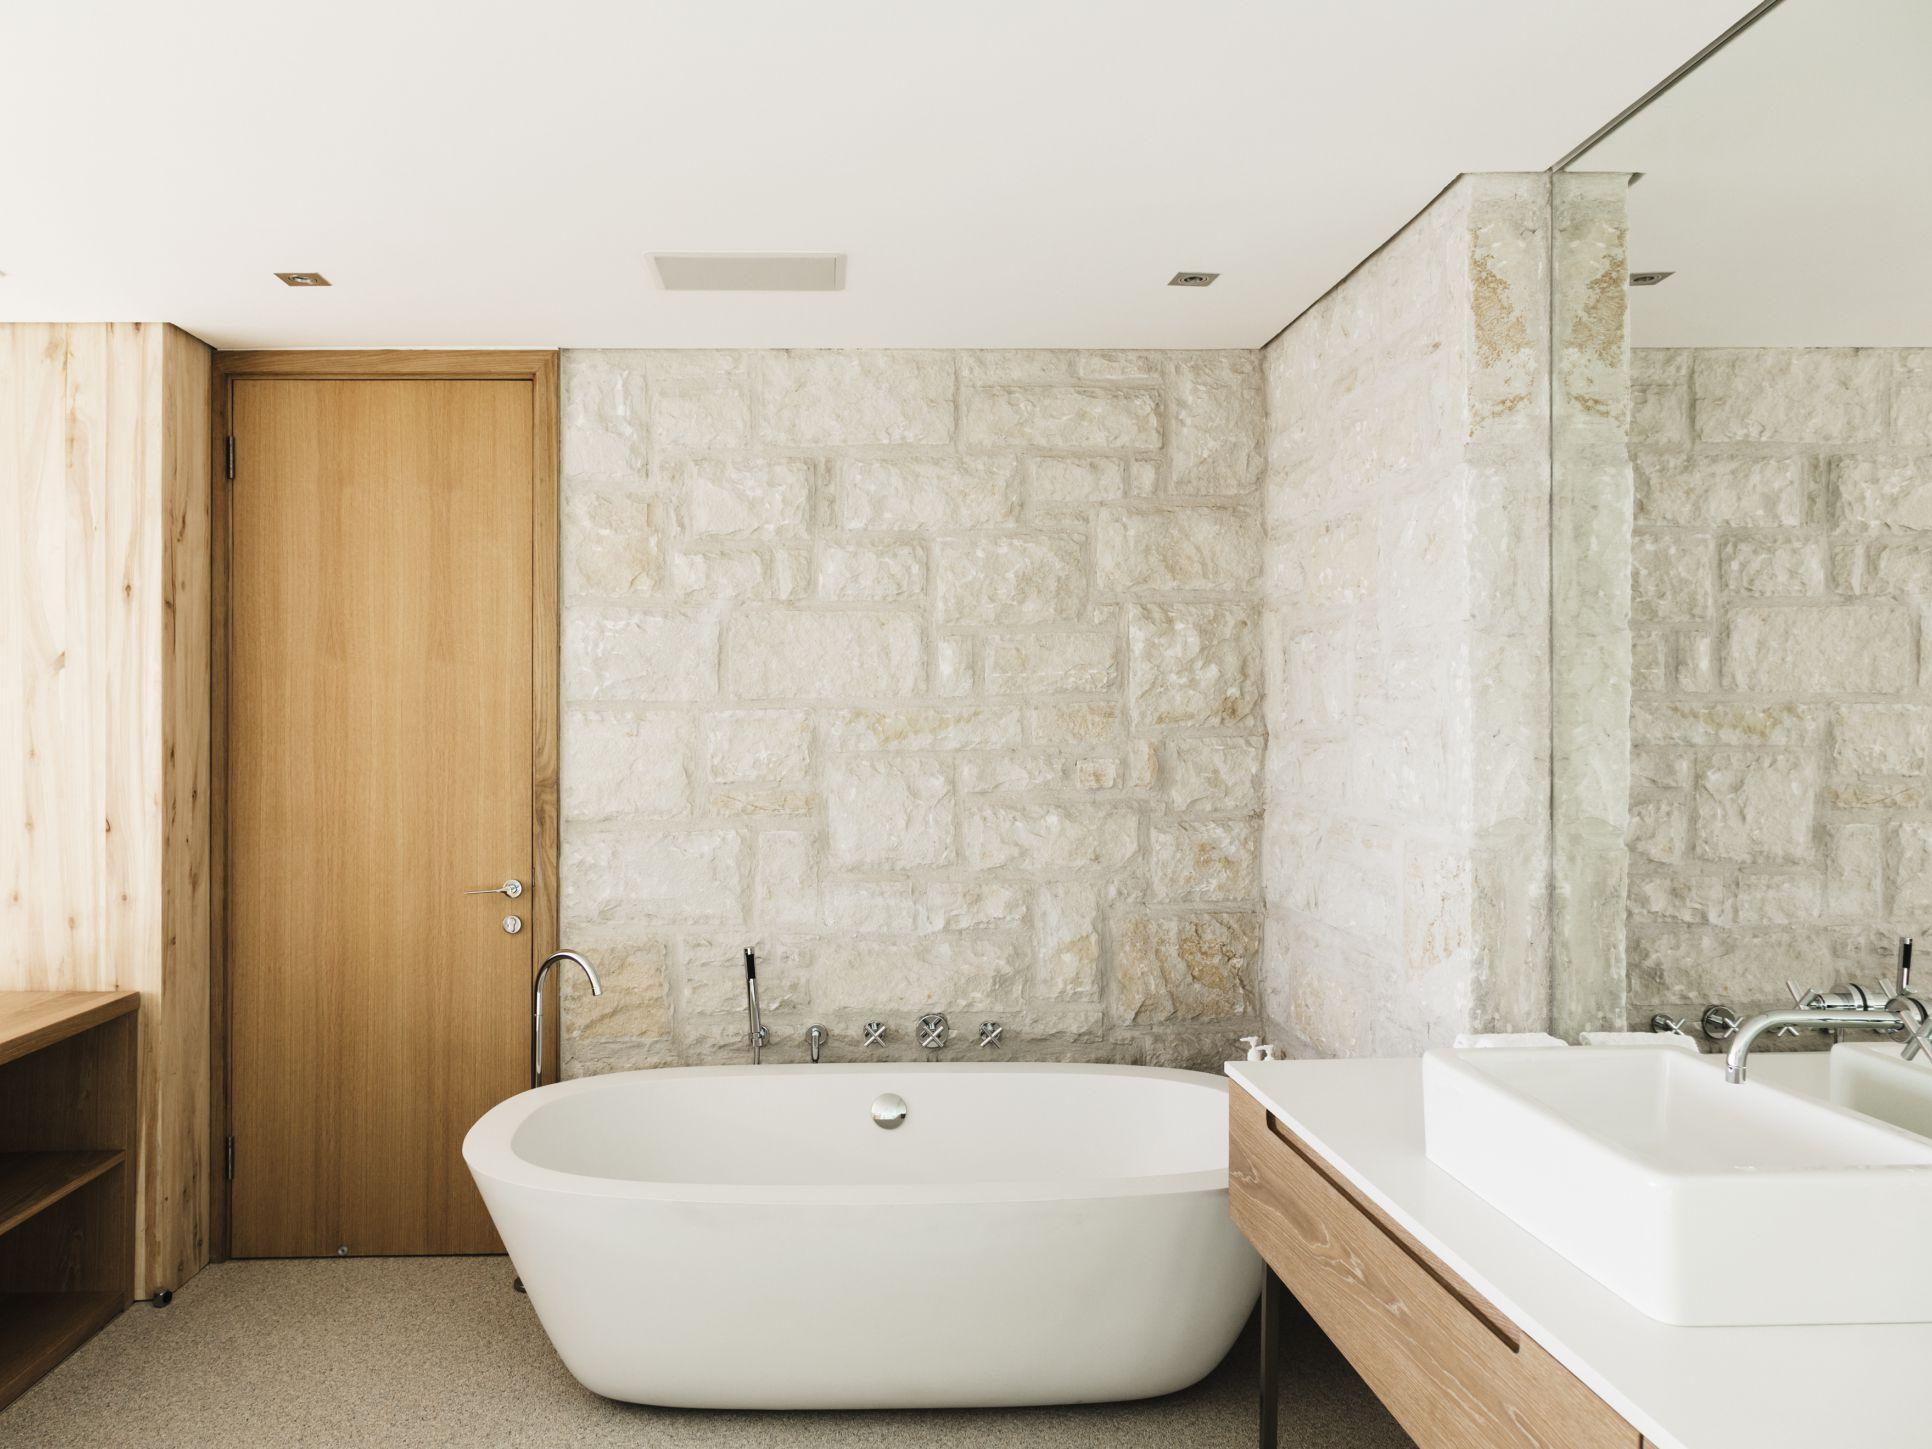 diy tub and shower finishing vs